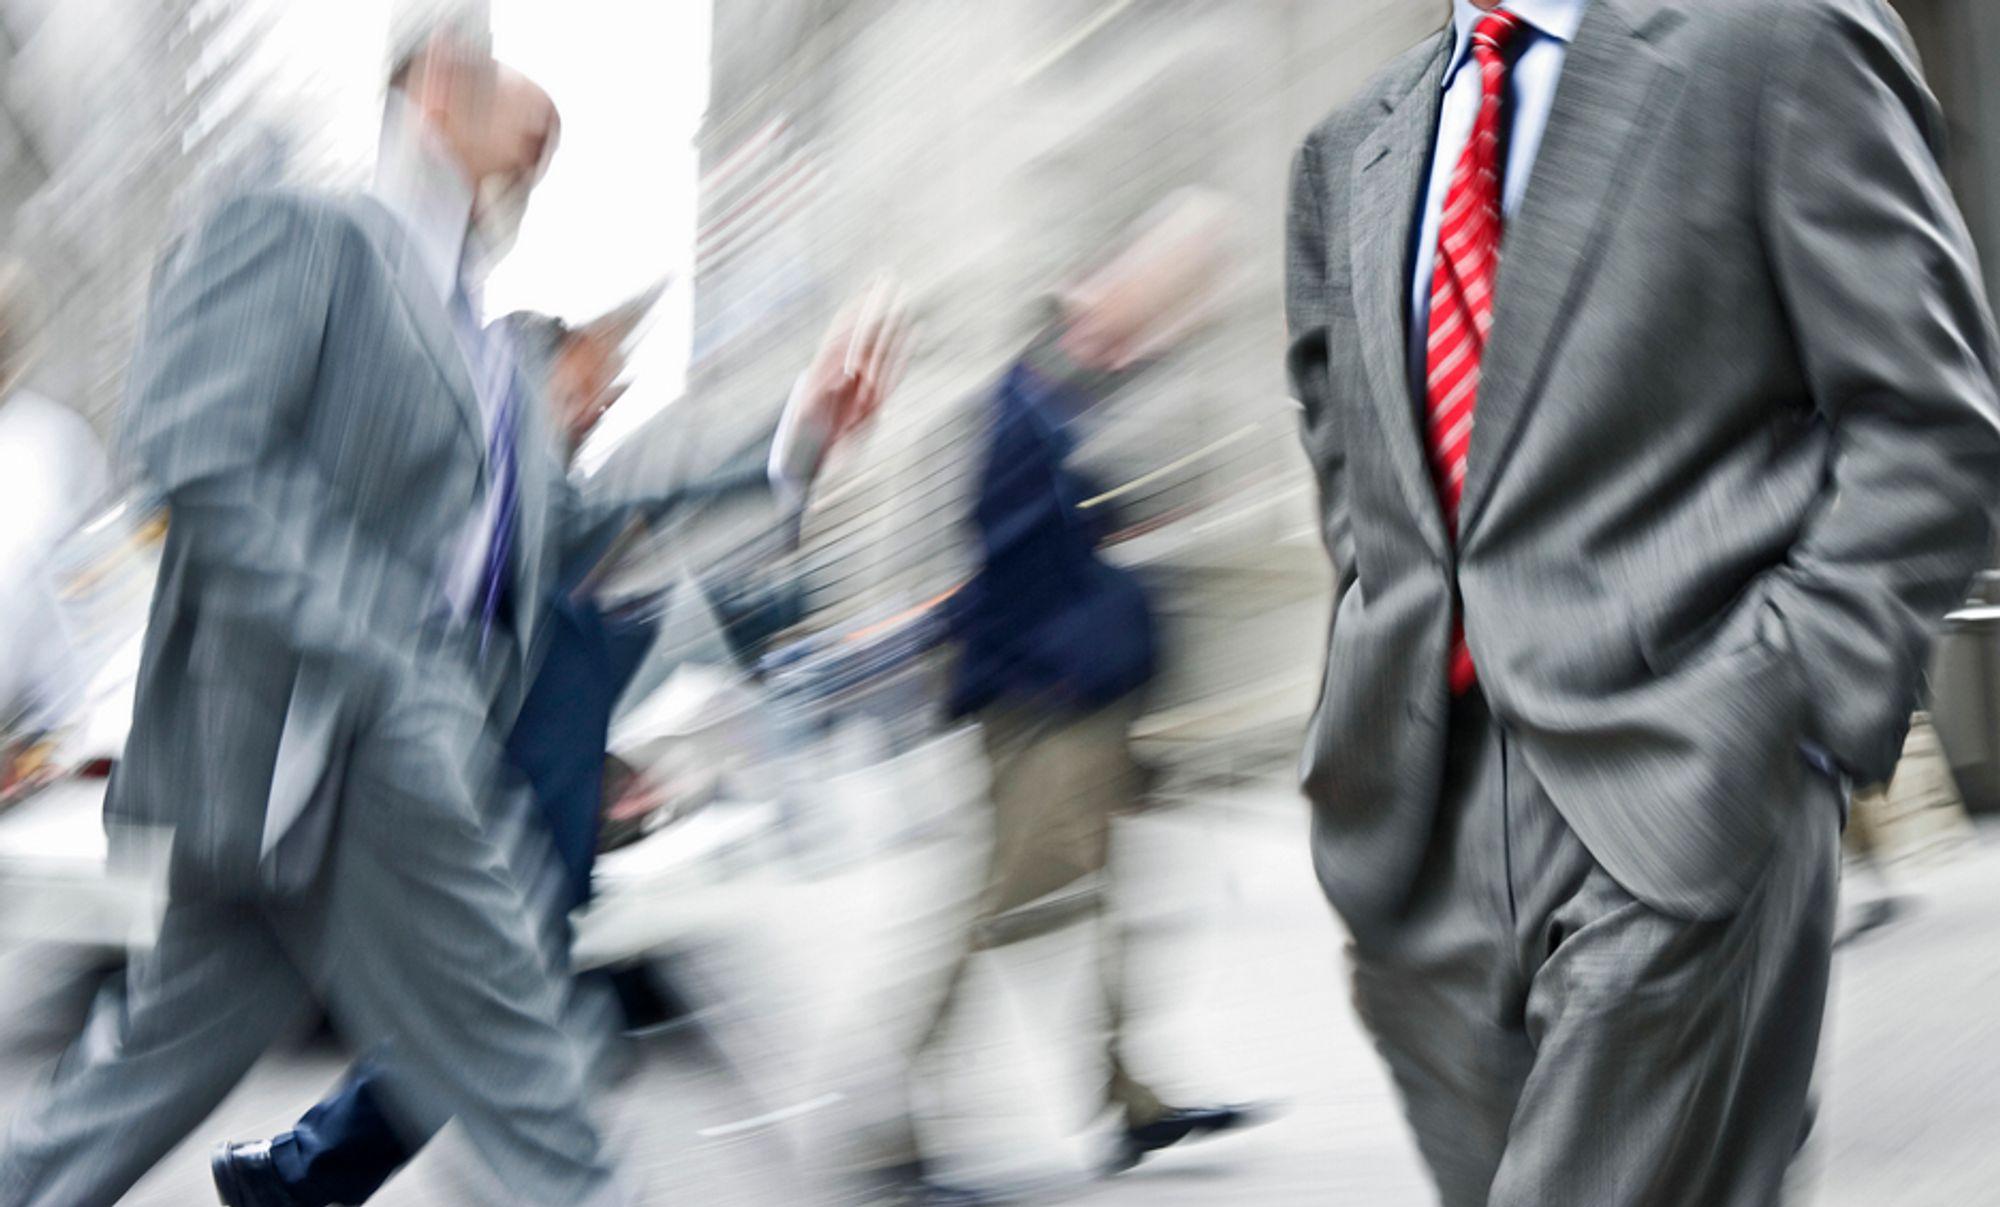 FORSKERFUNN: De dresskledde er mer mobile. Dermed øker lønna.